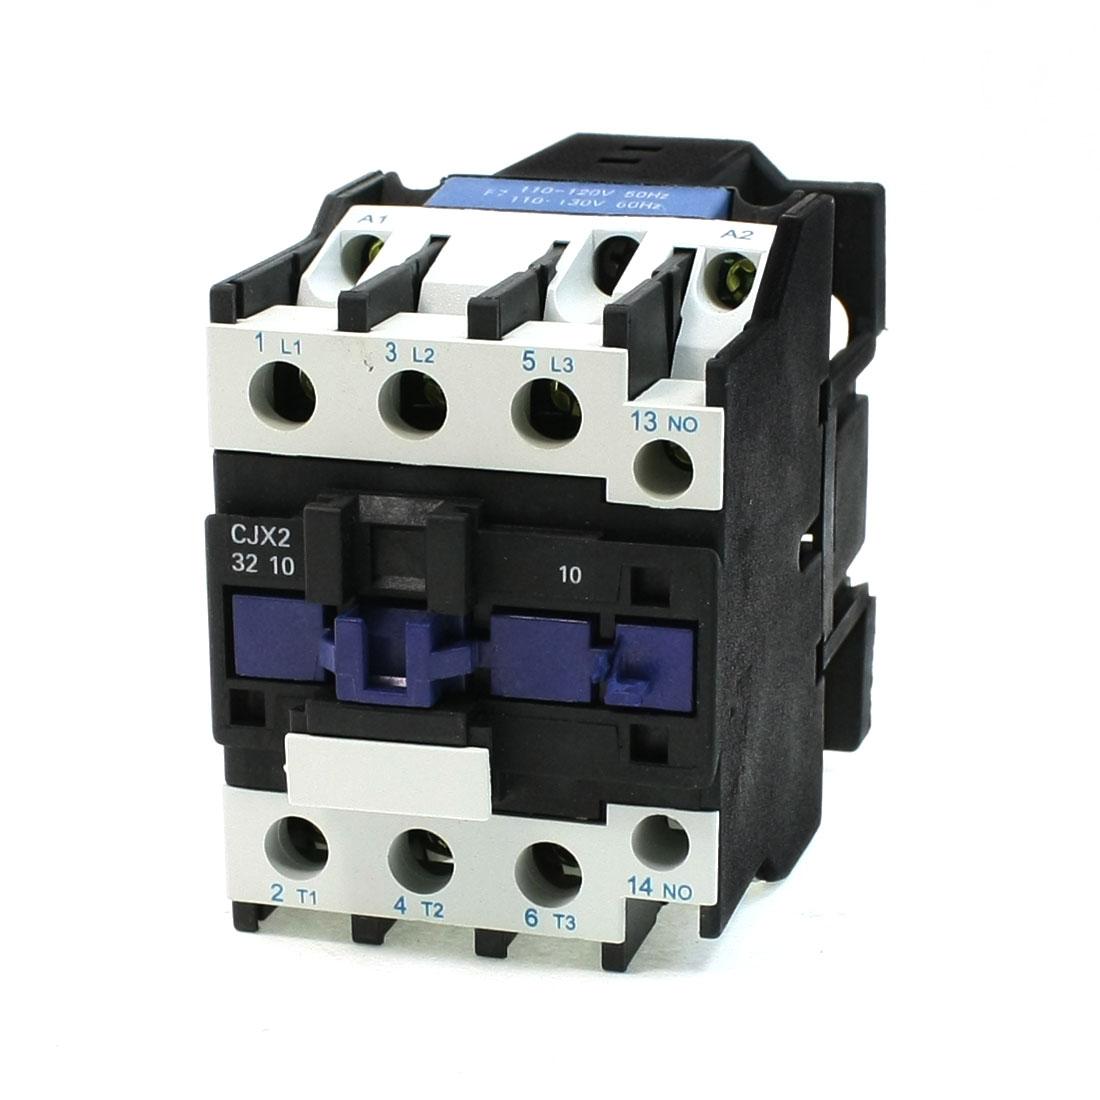 50/60Hz 220V 50A 35mm DIN Rail 3P 1NO 1NC 110V AC Contactor CJX2-32